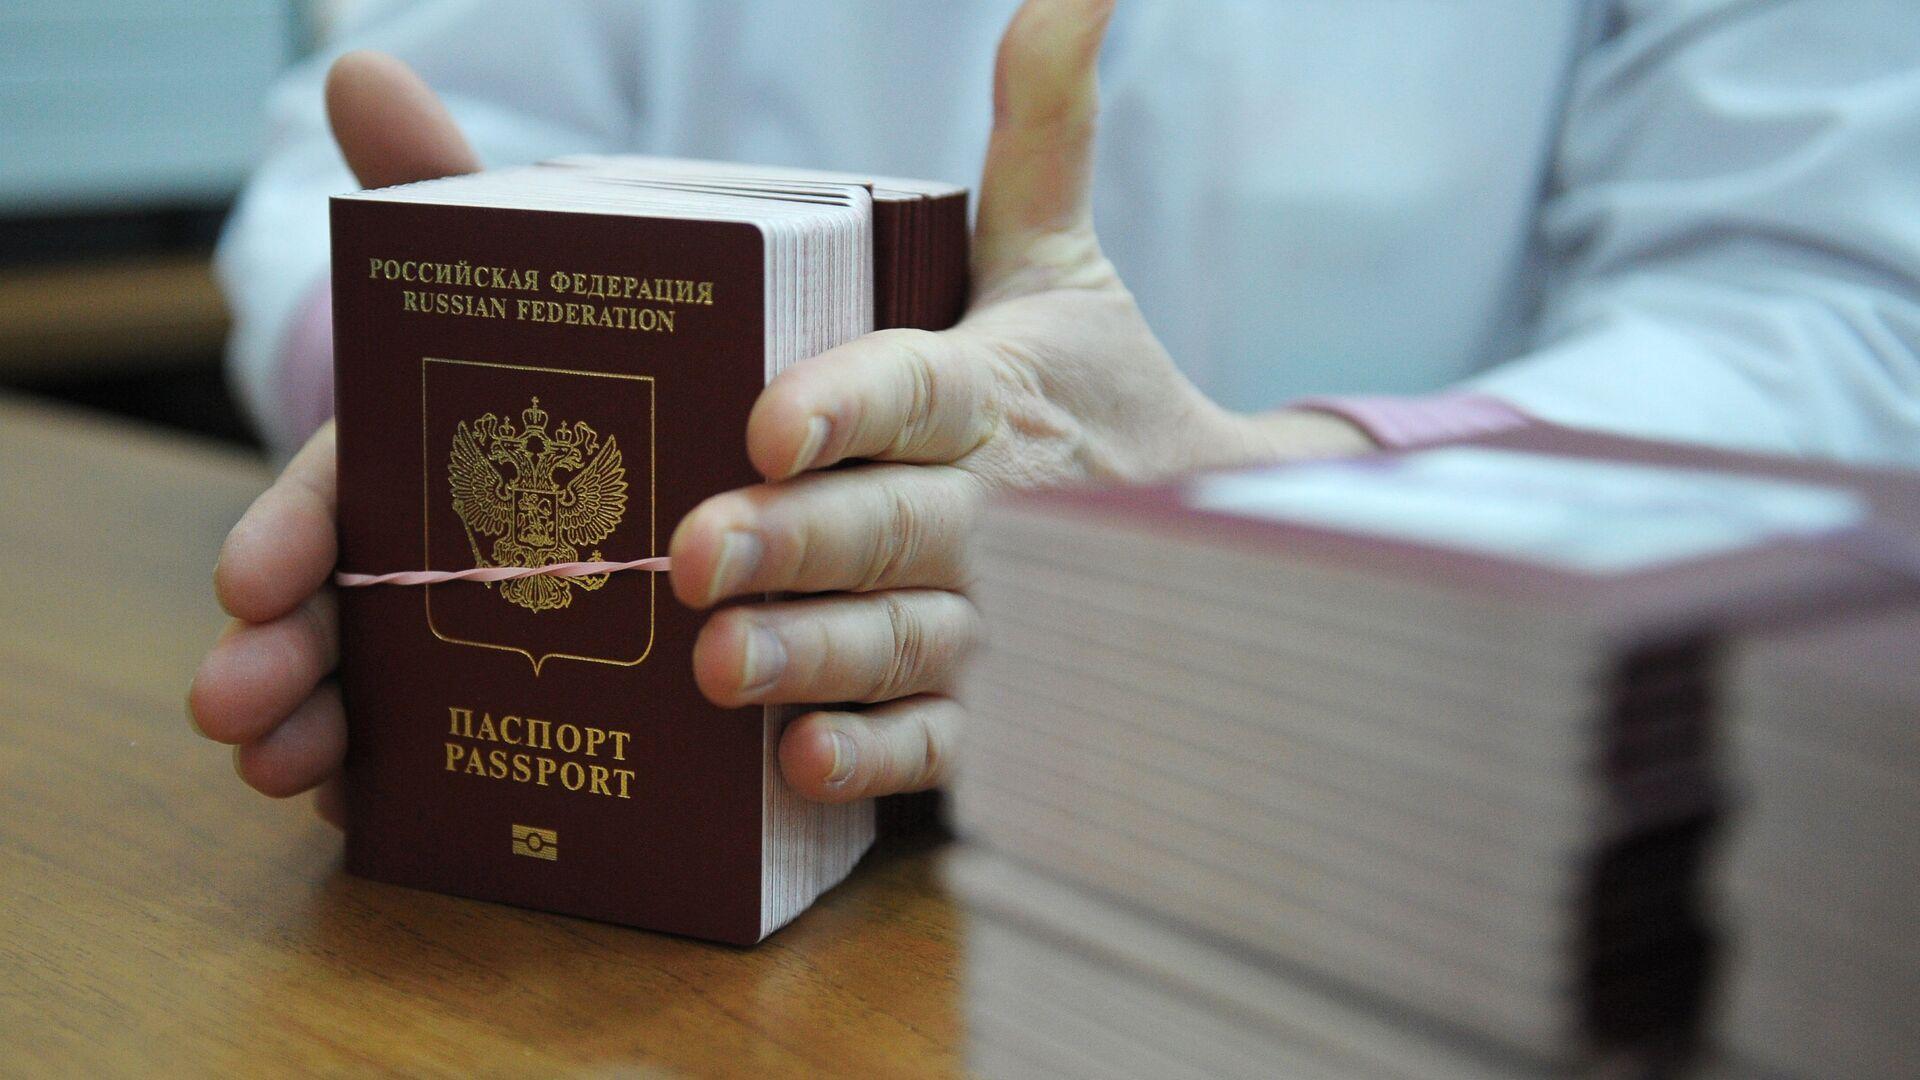 Биометрические заграничные паспорта граждан РФ - РИА Новости, 1920, 06.01.2021